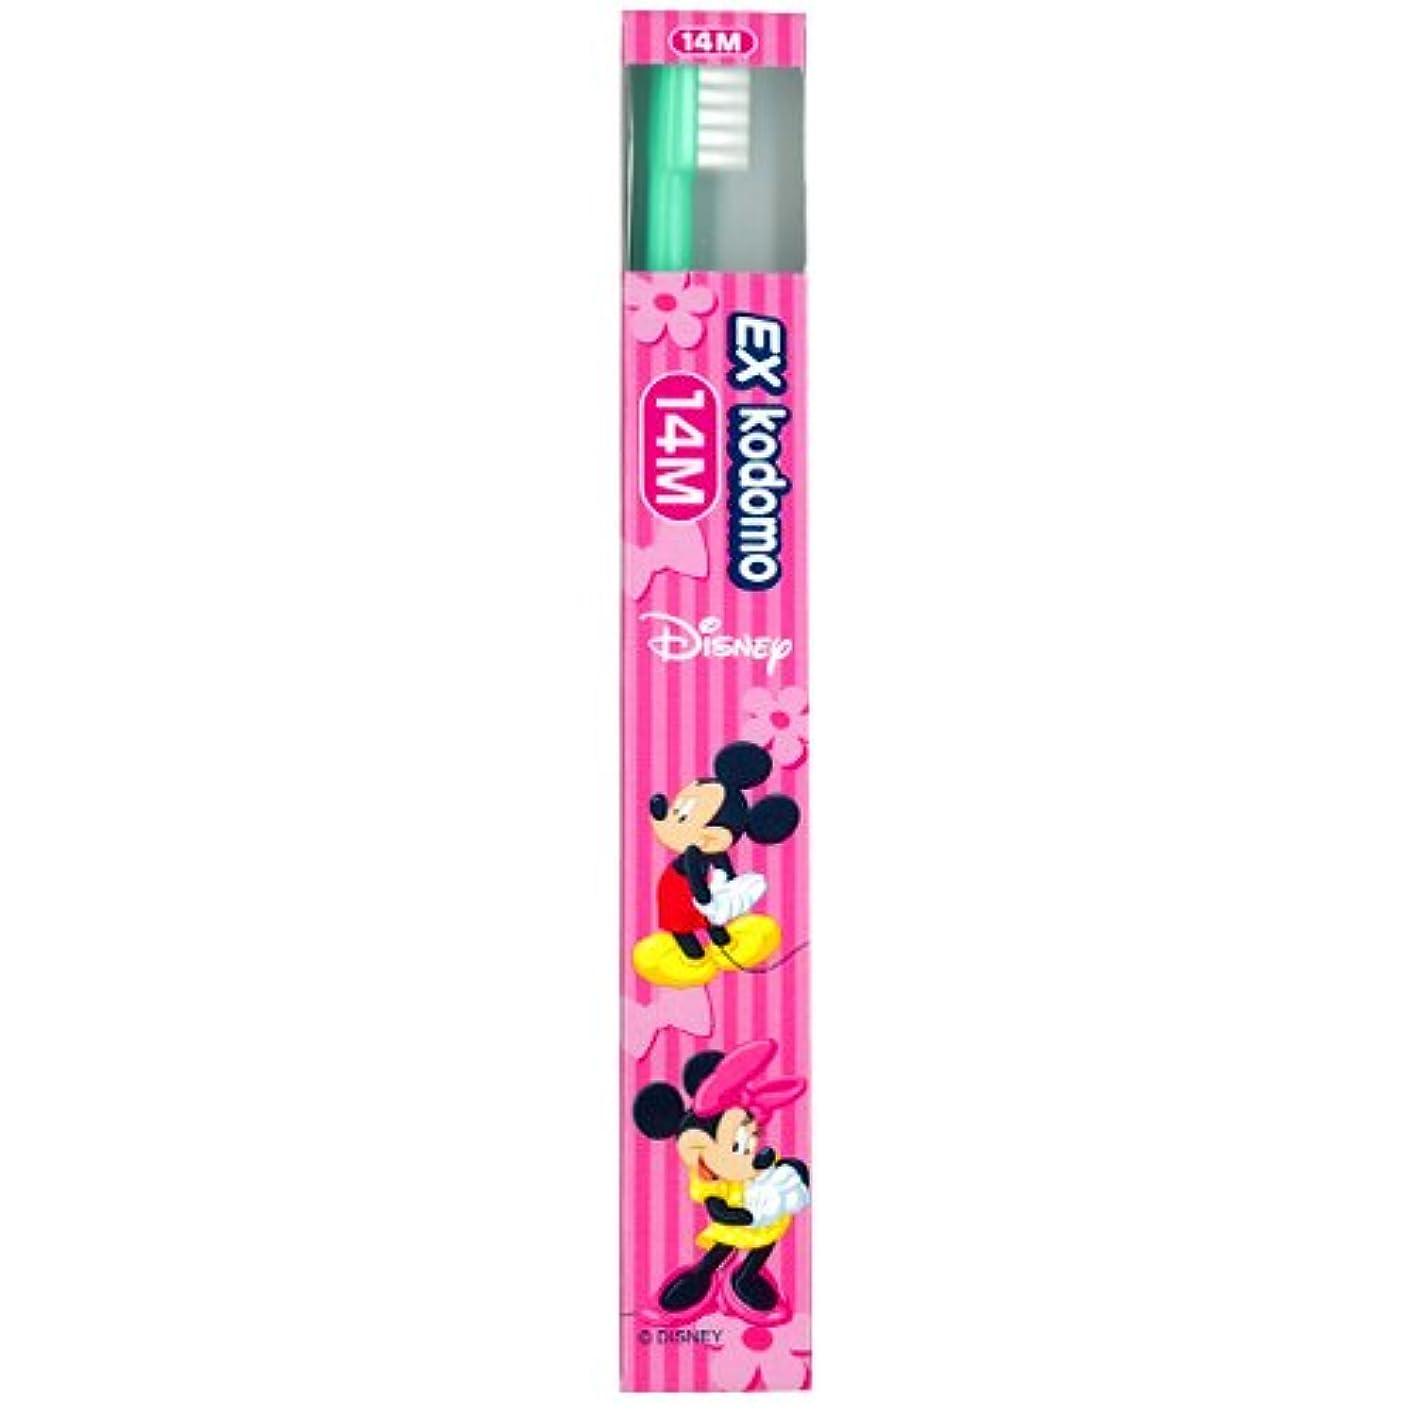 デイジー影のある吐くライオン EX kodomo ディズニー 歯ブラシ 1本 14M グリーン